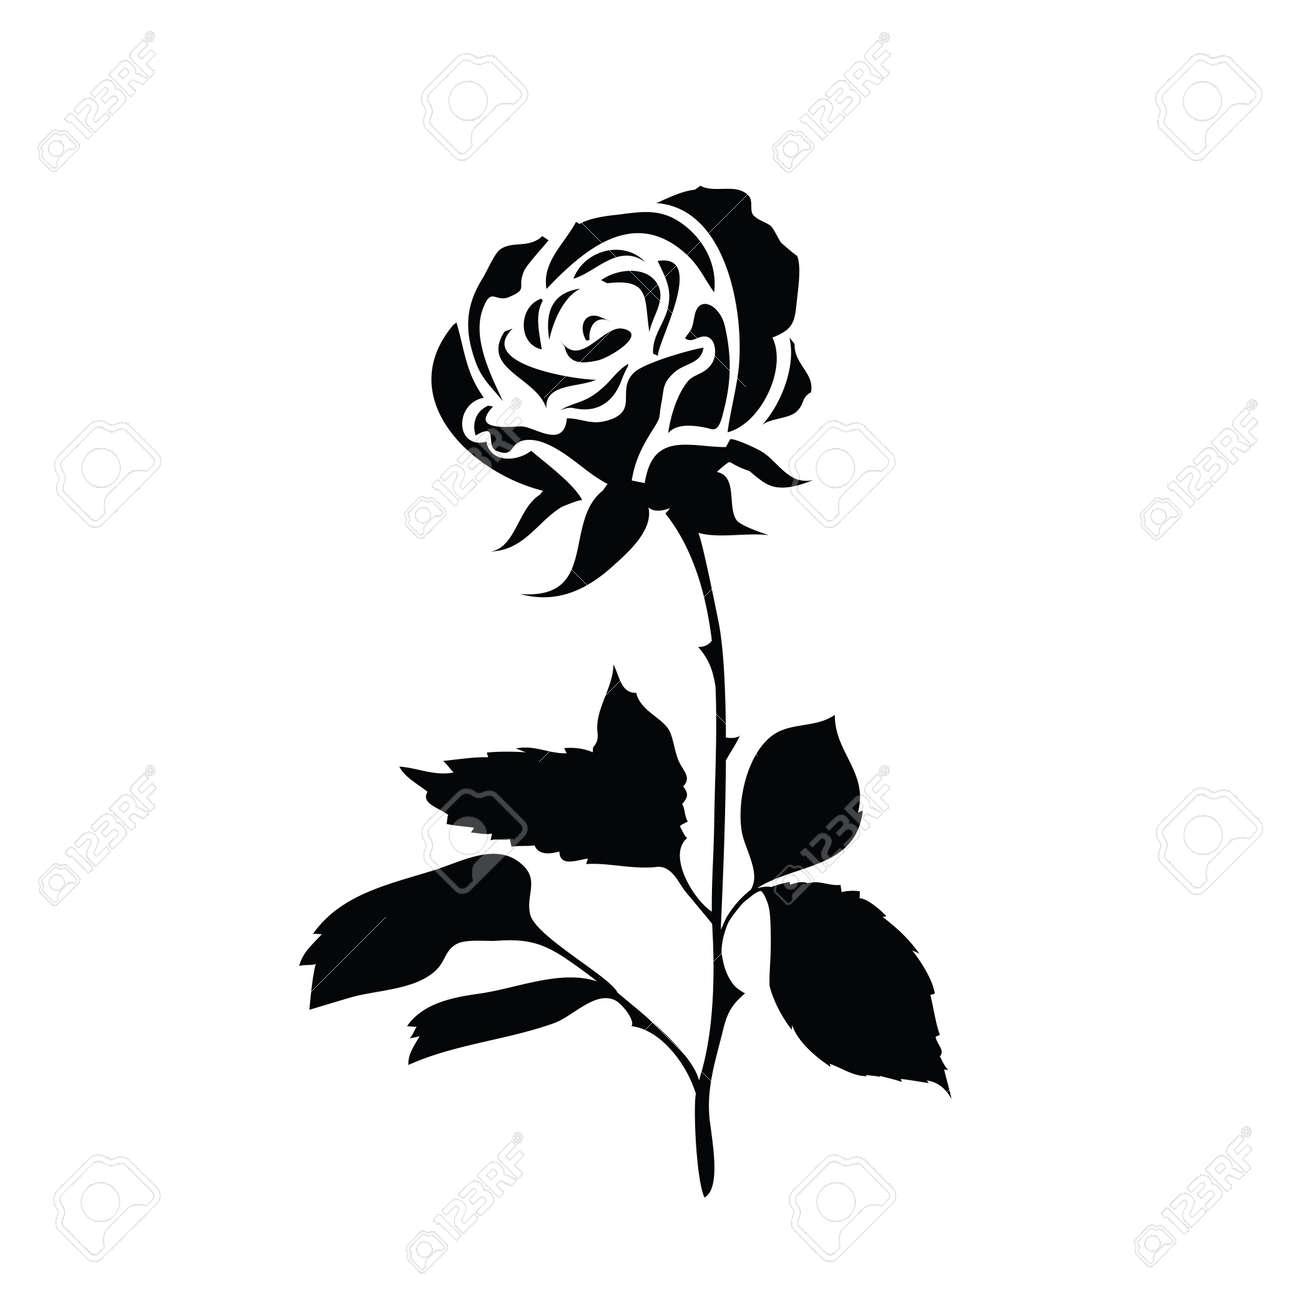 Silueta Estilizada De Una Rosa Blanco Y Negro Icono Aislado En Un